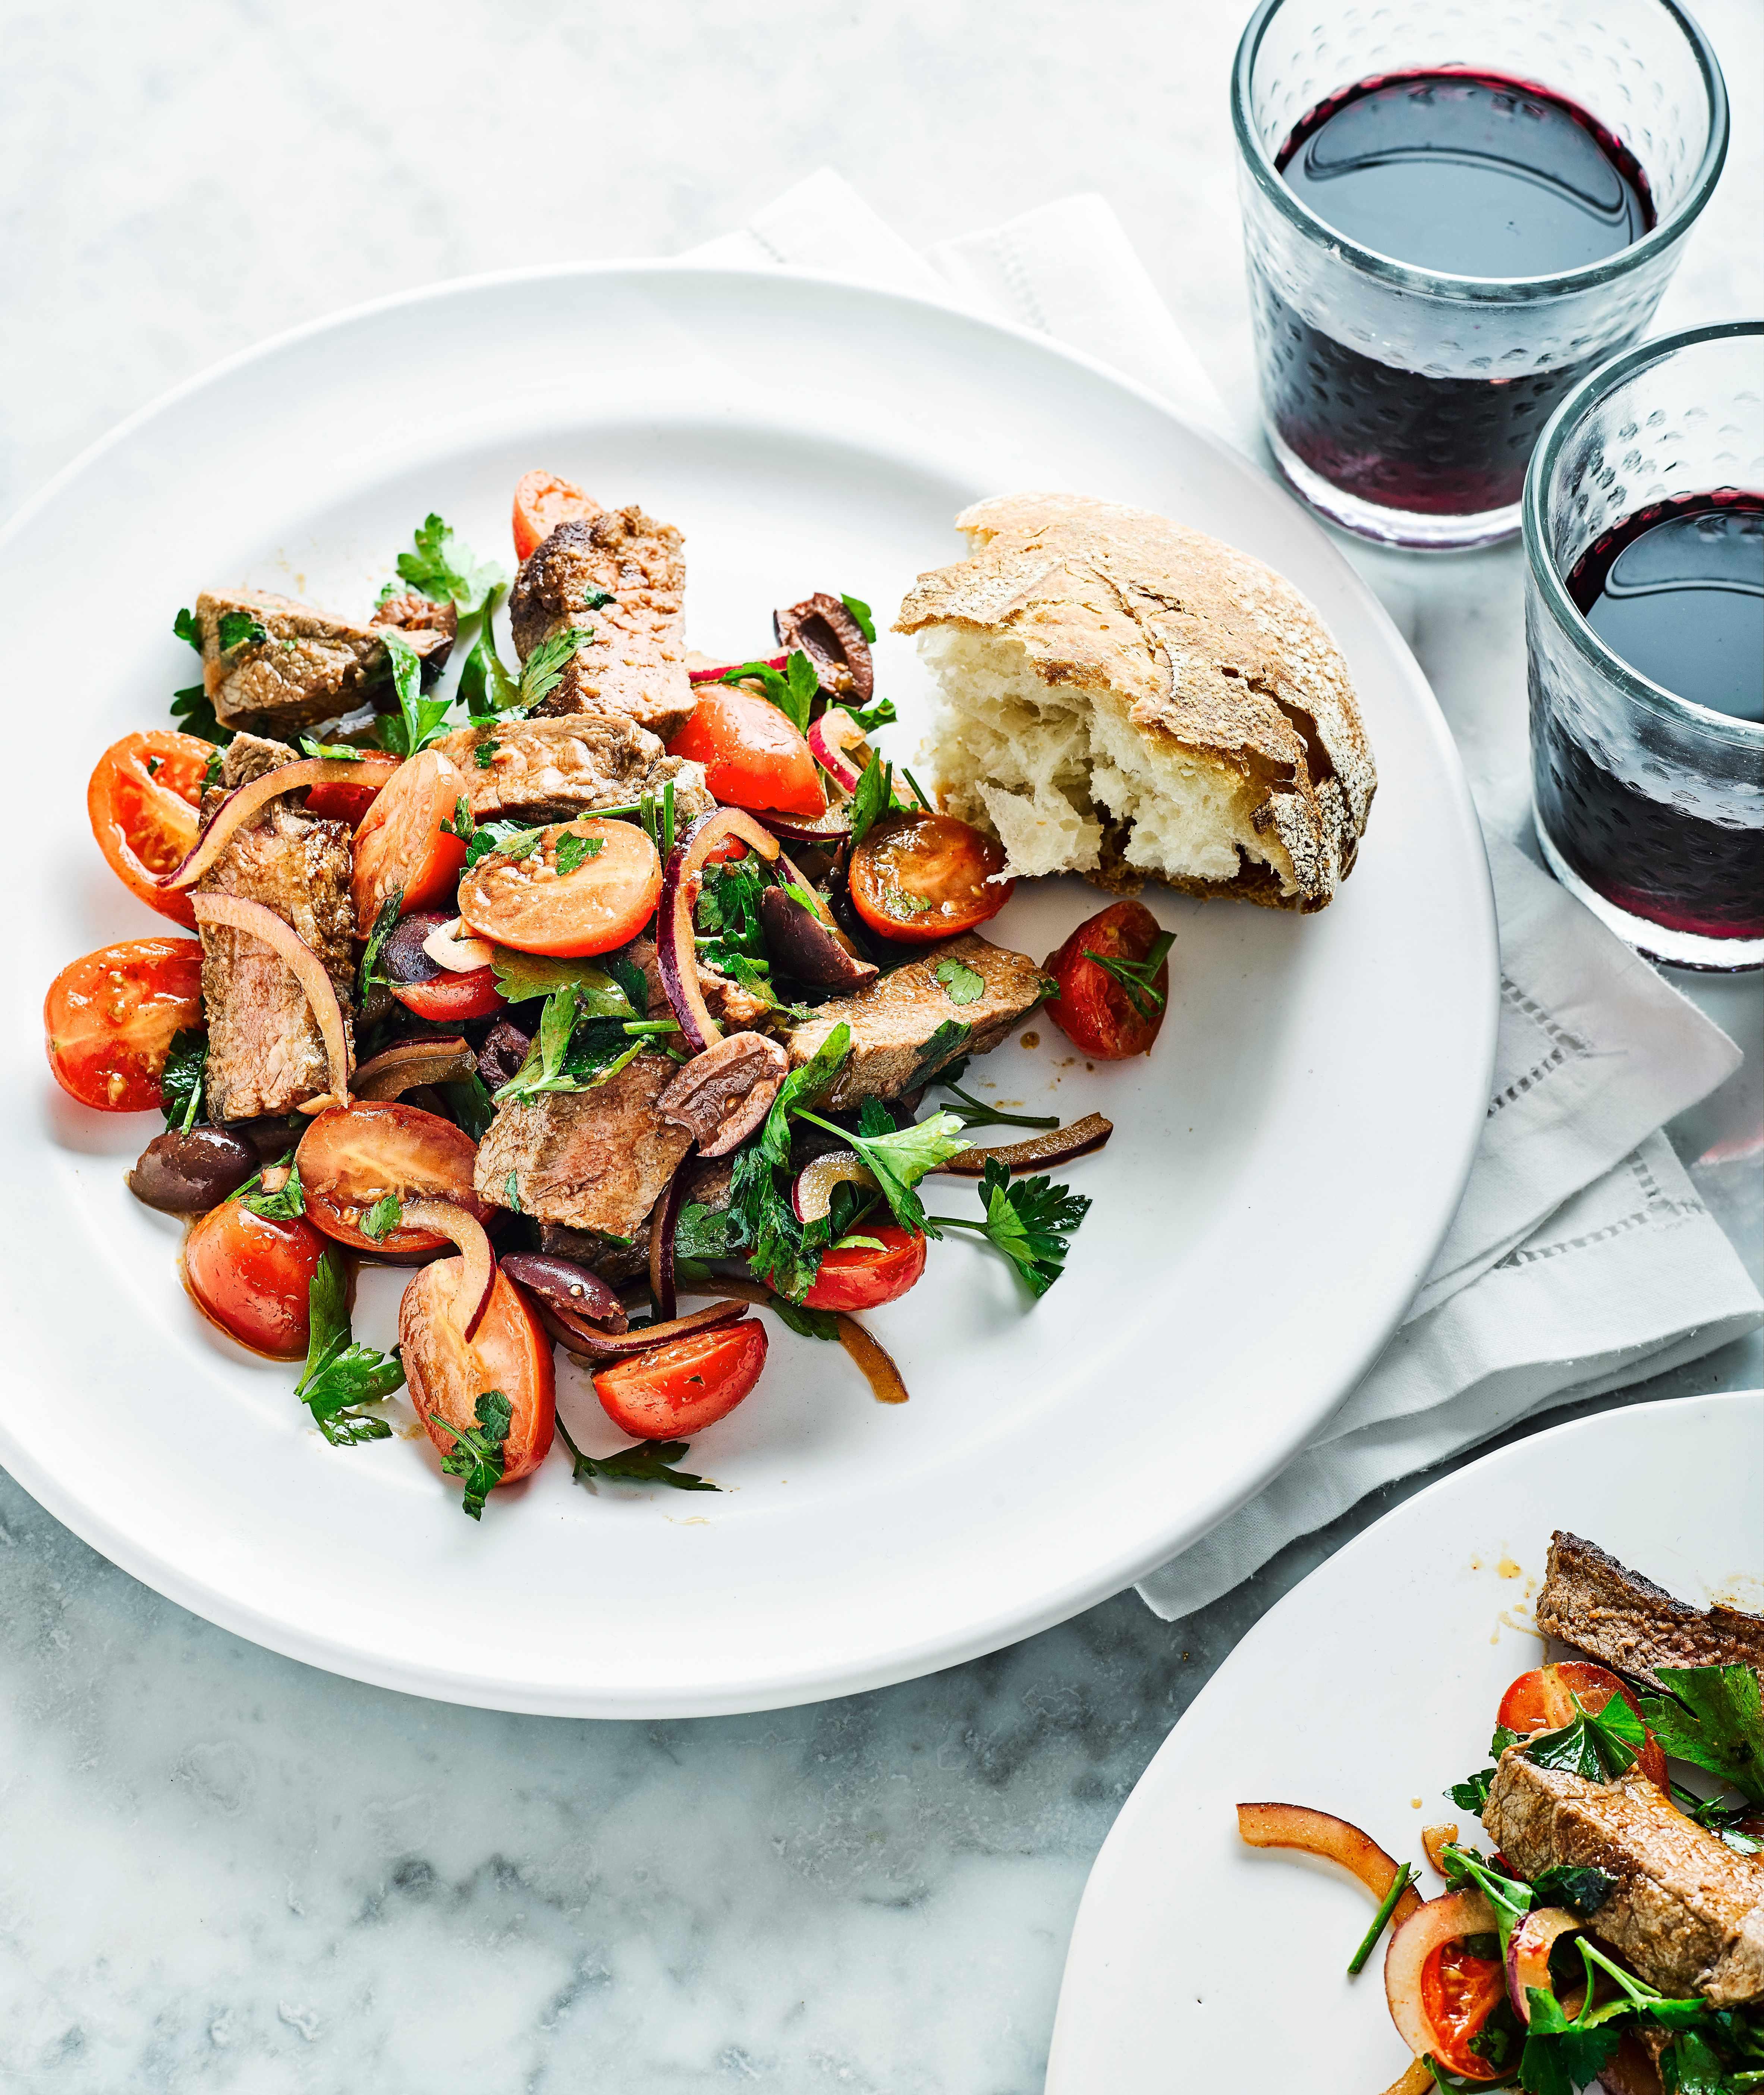 Steak, Tomato and Olive Salad Recipe